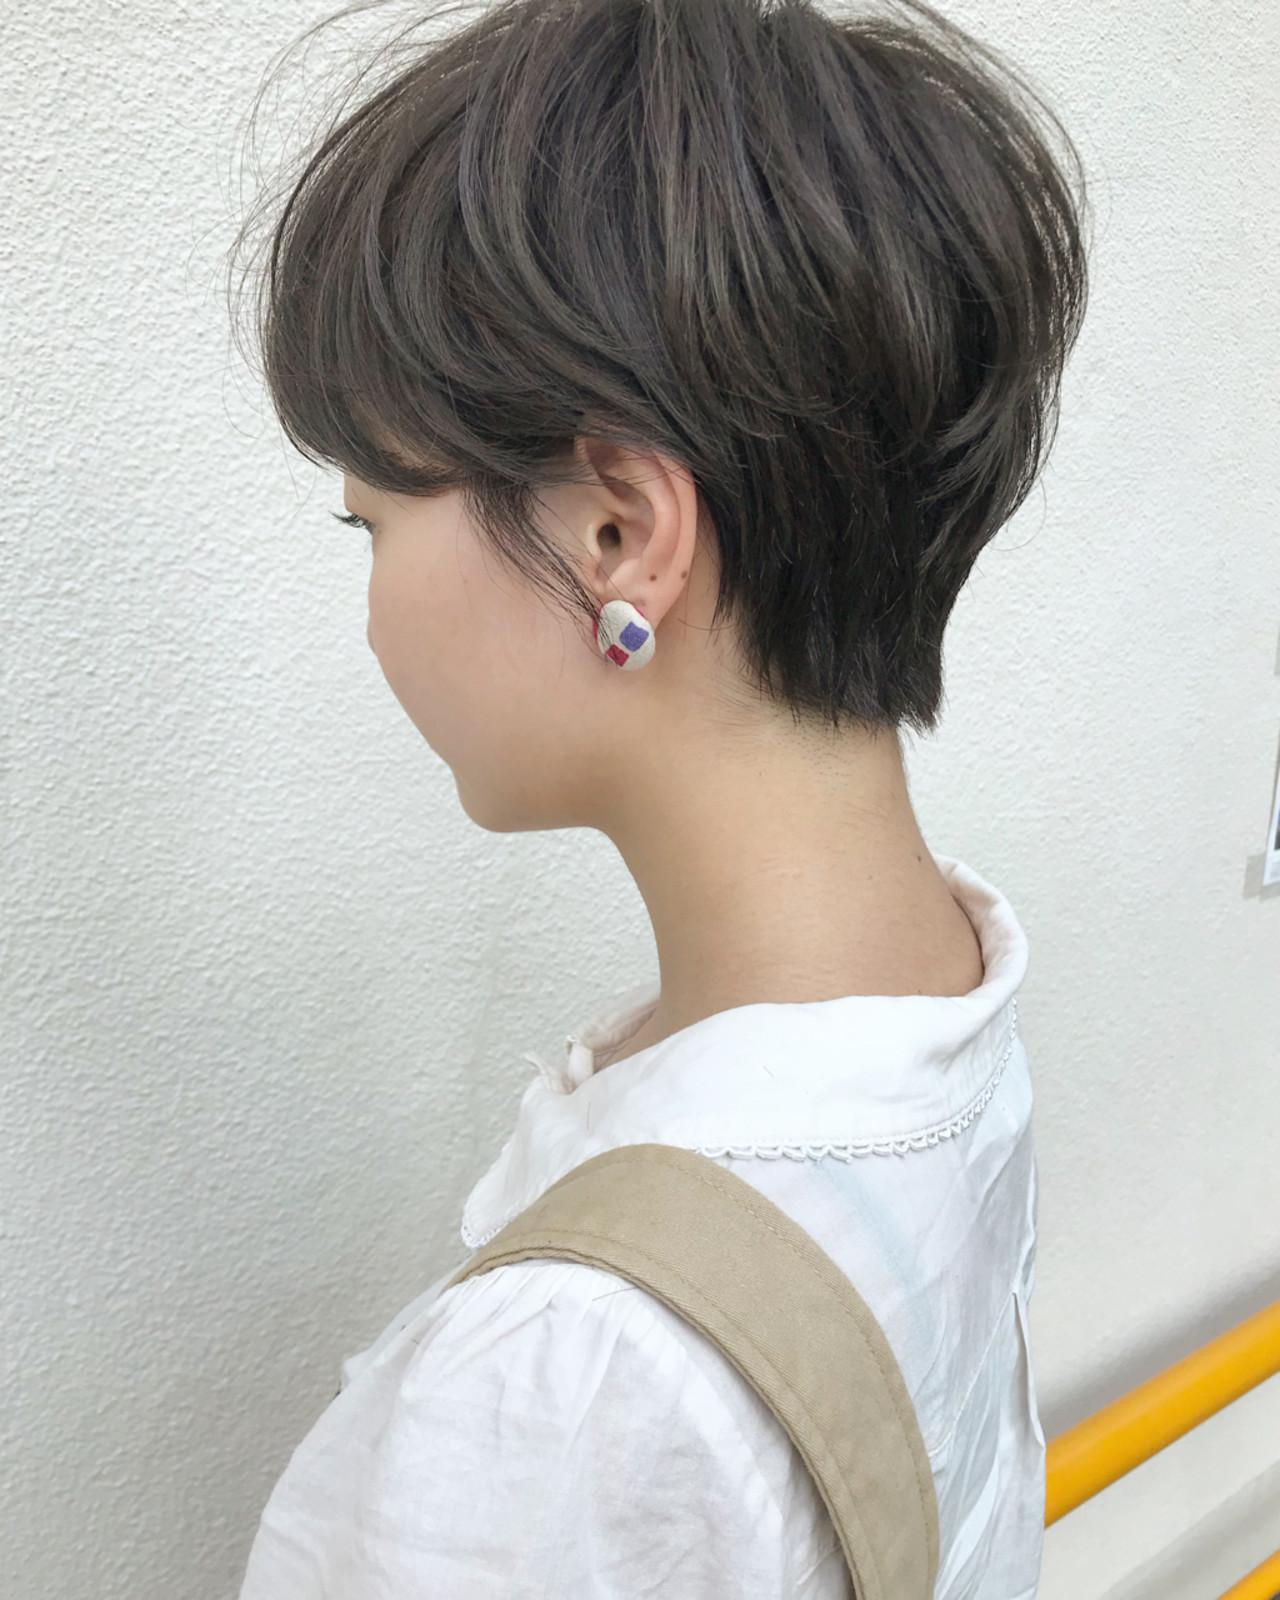 ハイライト 小顔 ショート ナチュラル ヘアスタイルや髪型の写真・画像 | KENTO.NOESALON / NOE SALON